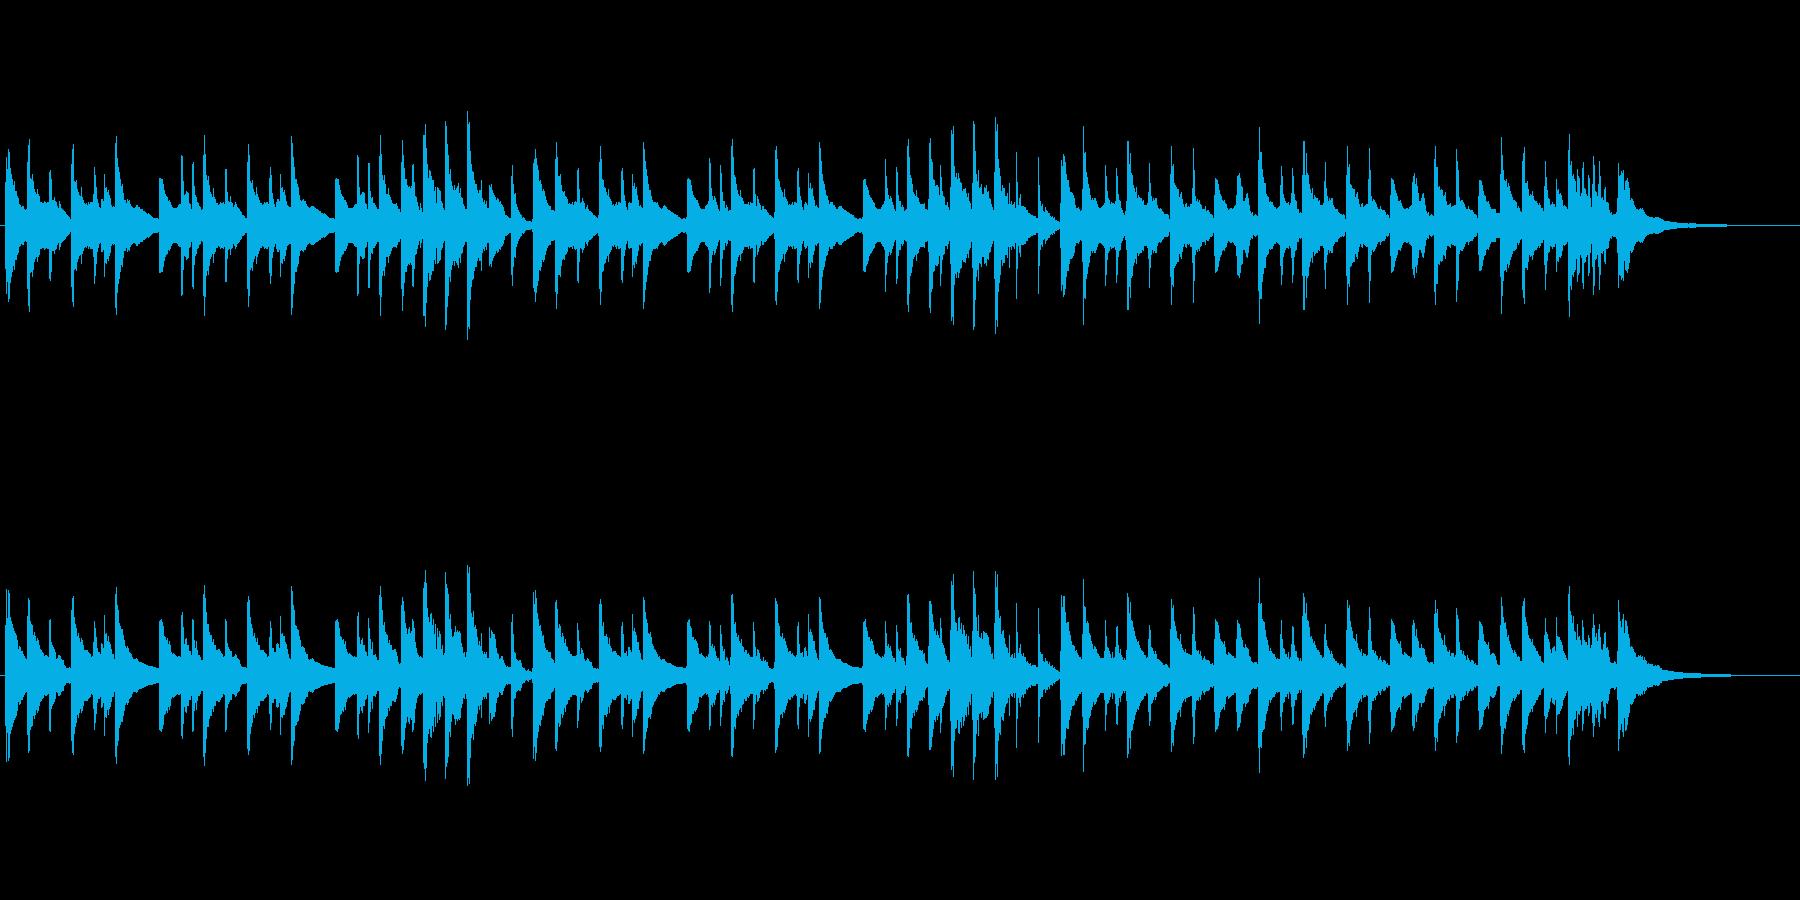 ヴィヴァルディの春 (和風 琴アレンジ)の再生済みの波形